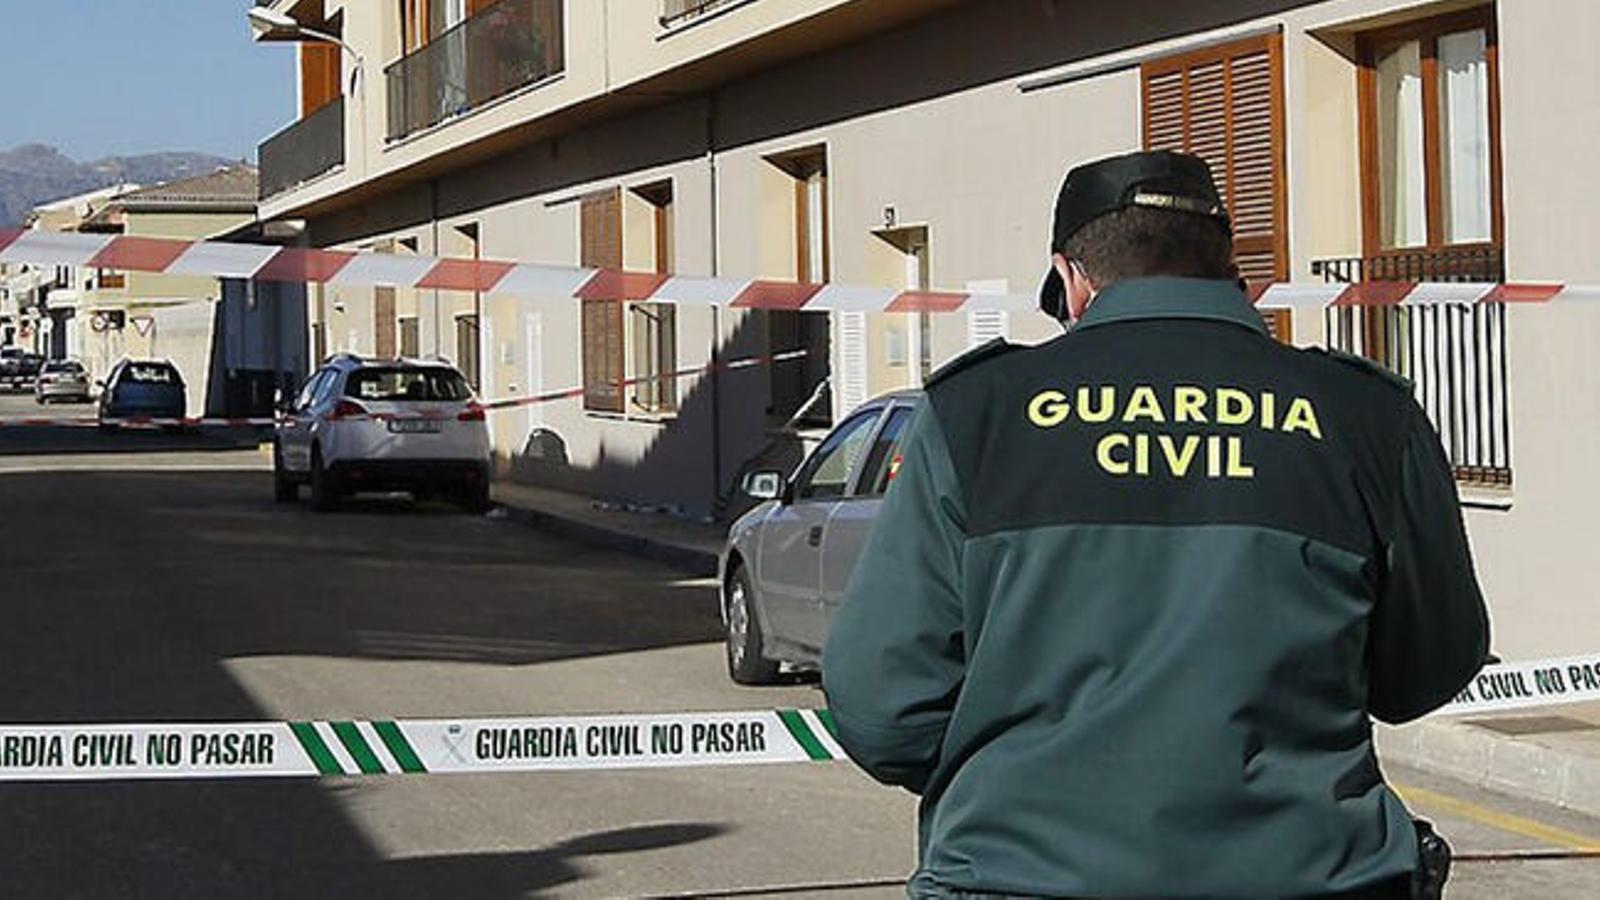 Gran operació policial contra el tràfic de drogues a Eivissa